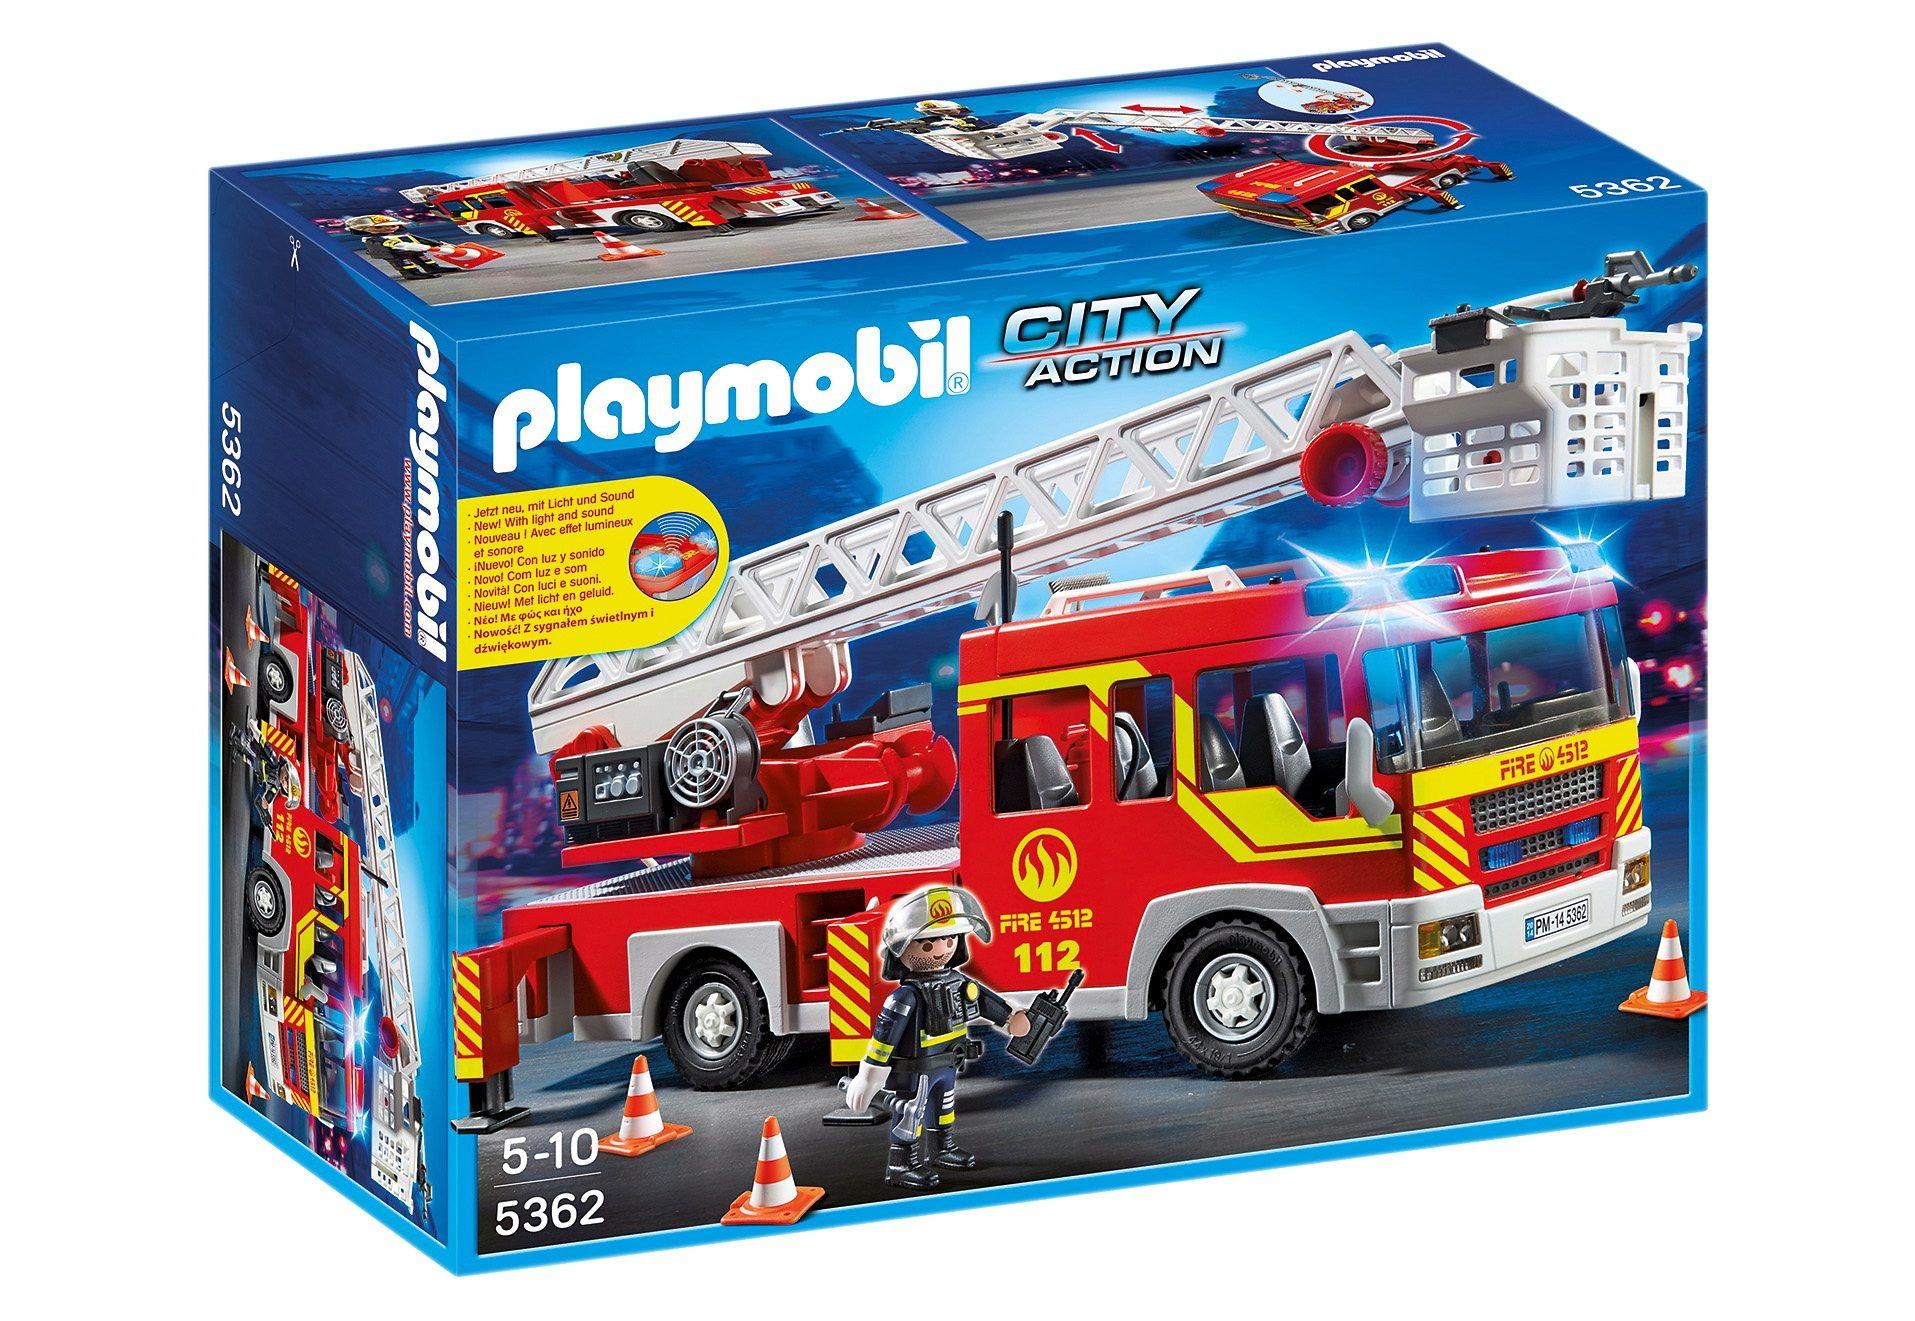 Playmobil® Feuerwehr-Leiterfahrzeug mit Licht und Sound (5362), City Action